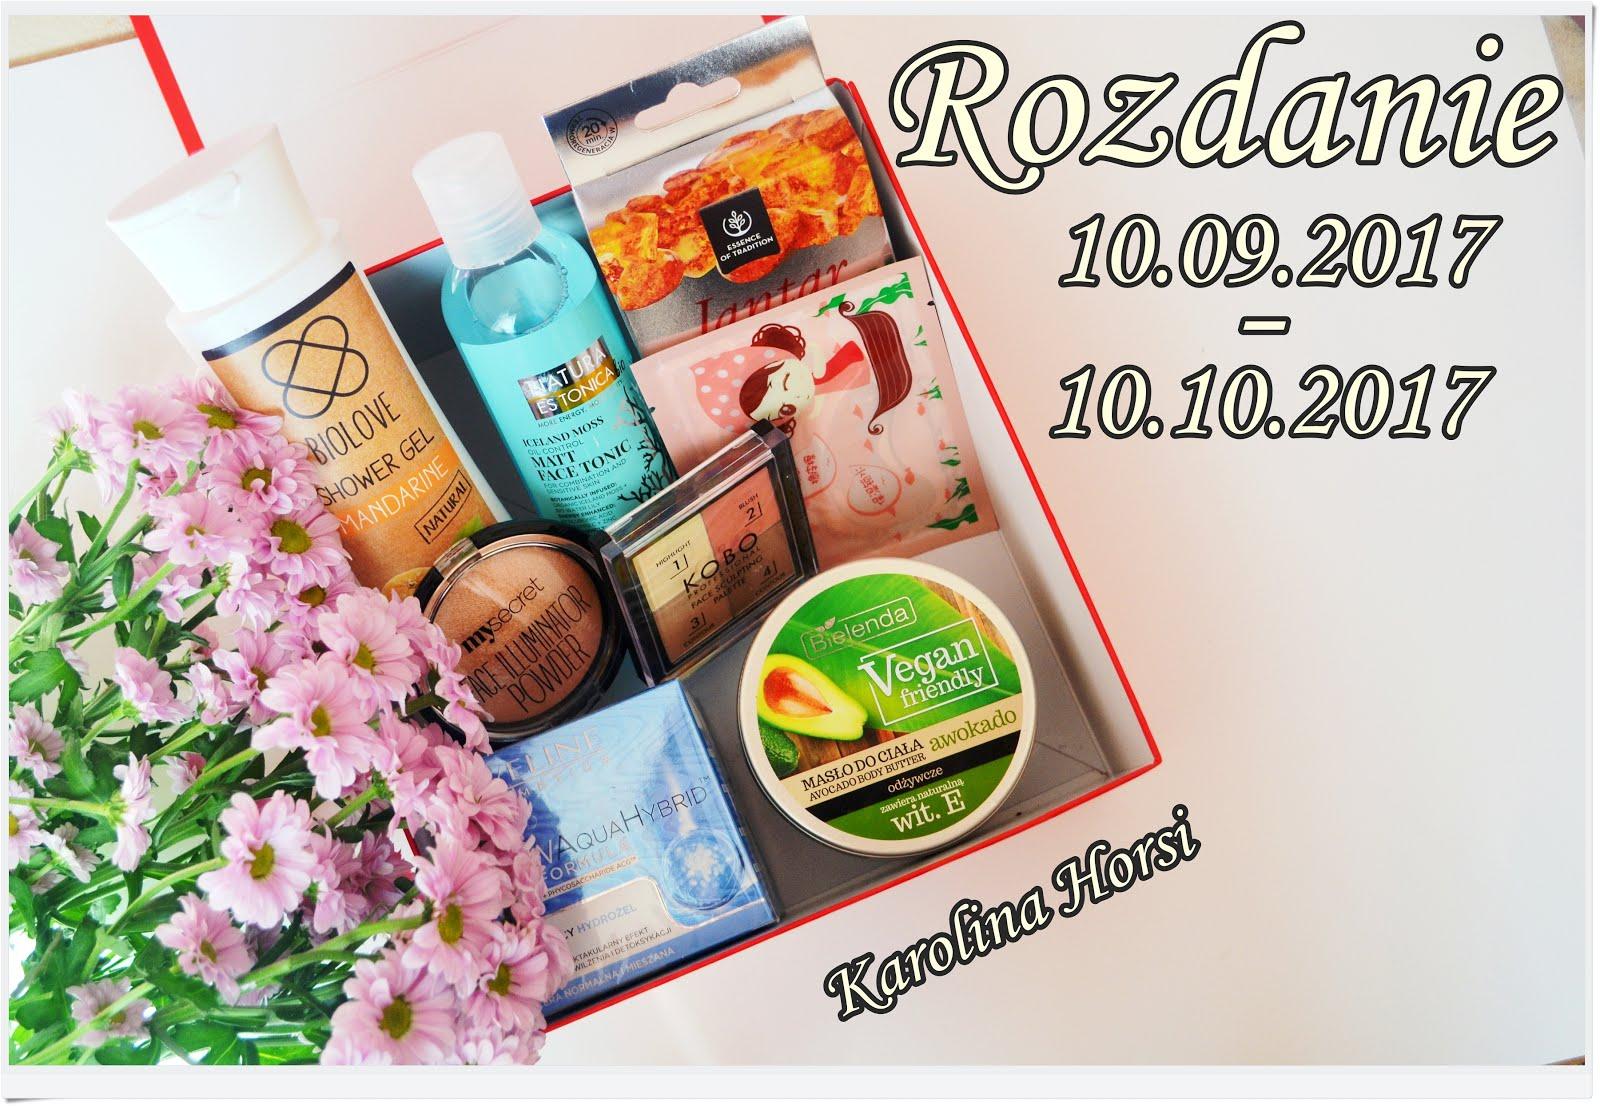 Rozdanie - wygraj kosmetyczny box